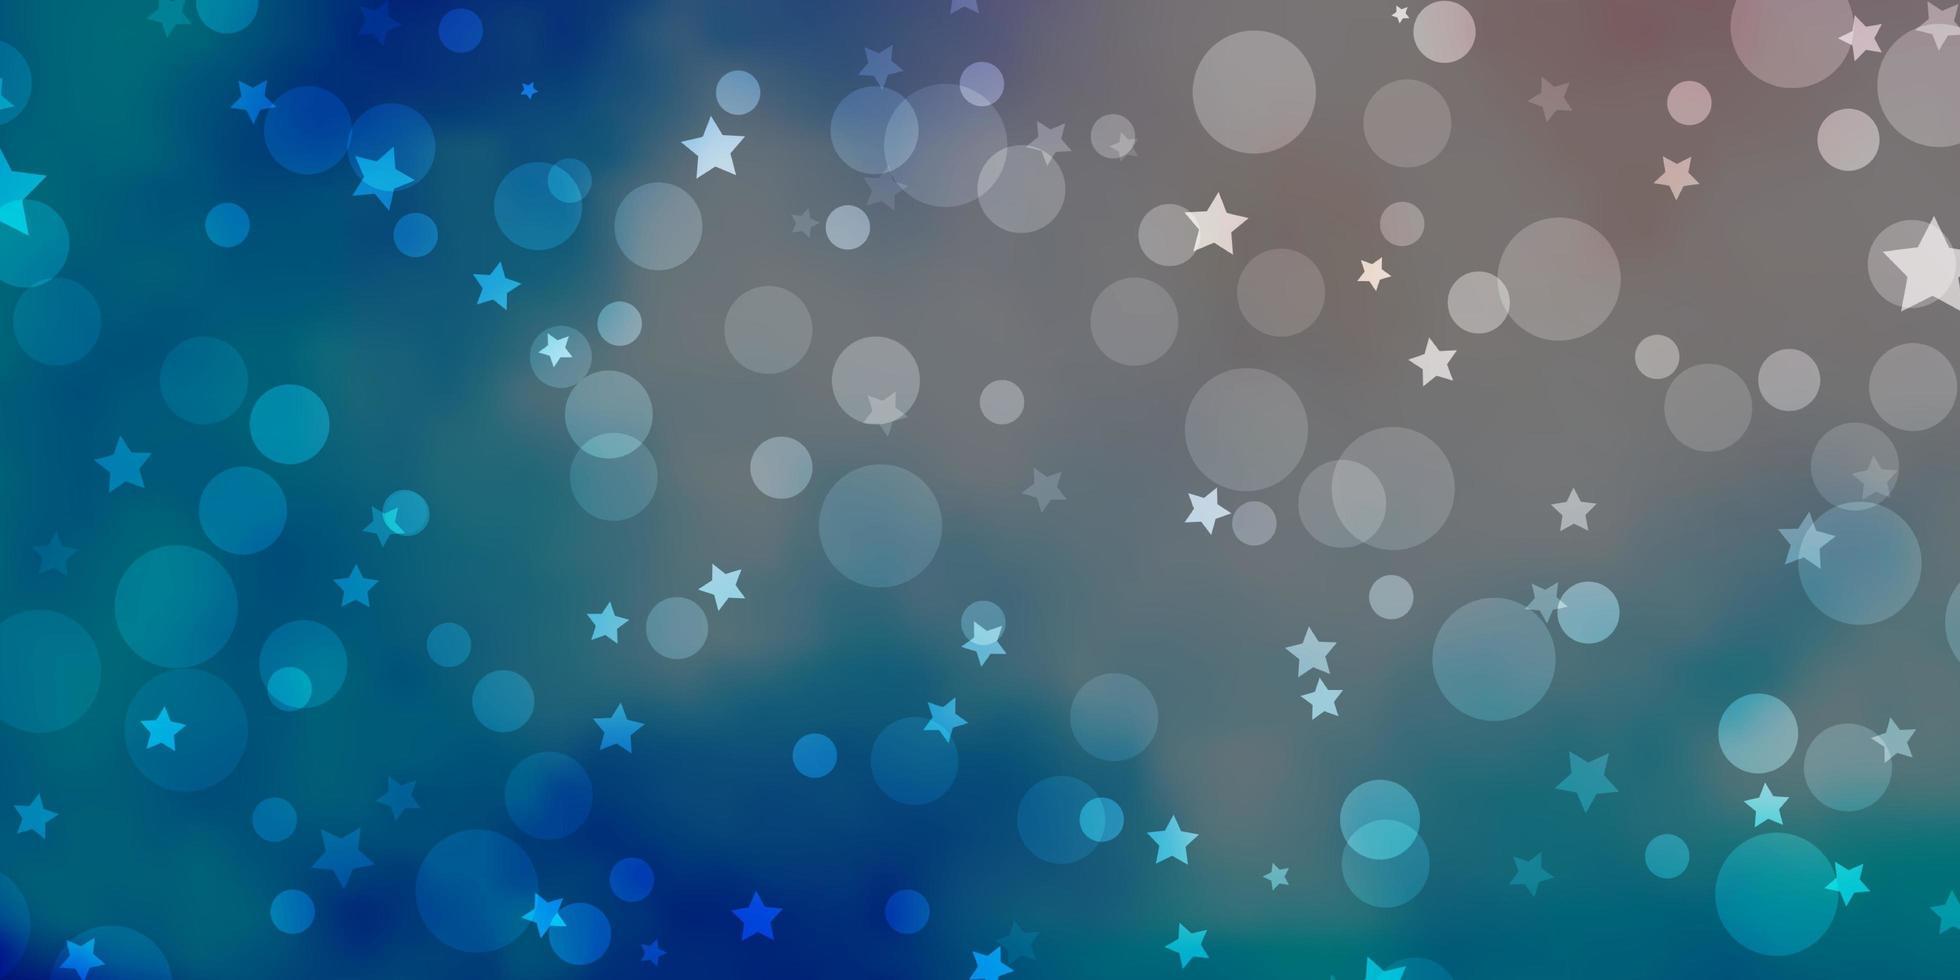 hellrosa, blauer Vektorhintergrund mit Kreisen, Sternen. vektor